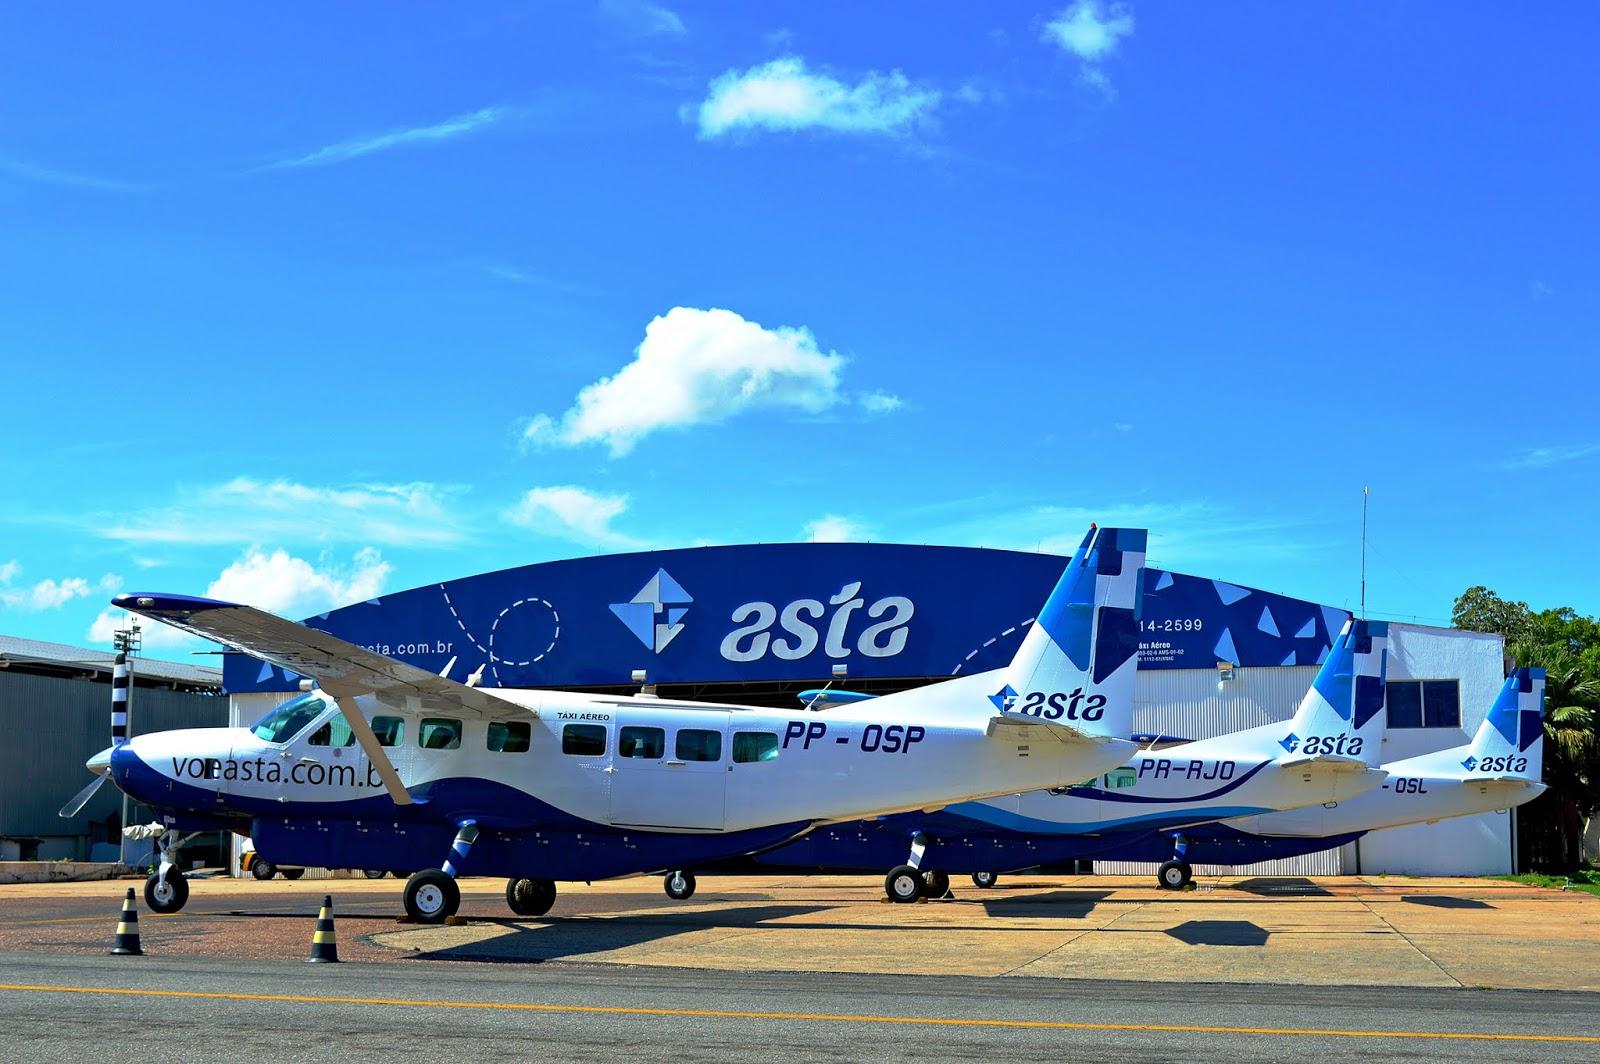 Entrevista: Adalberto Bogsan, CEO da Asta Linhas Aéreas | Aviação sub-regional é o foco do mato-grossense Asta Linhas Aéreas | É MAIS QUE VOAR